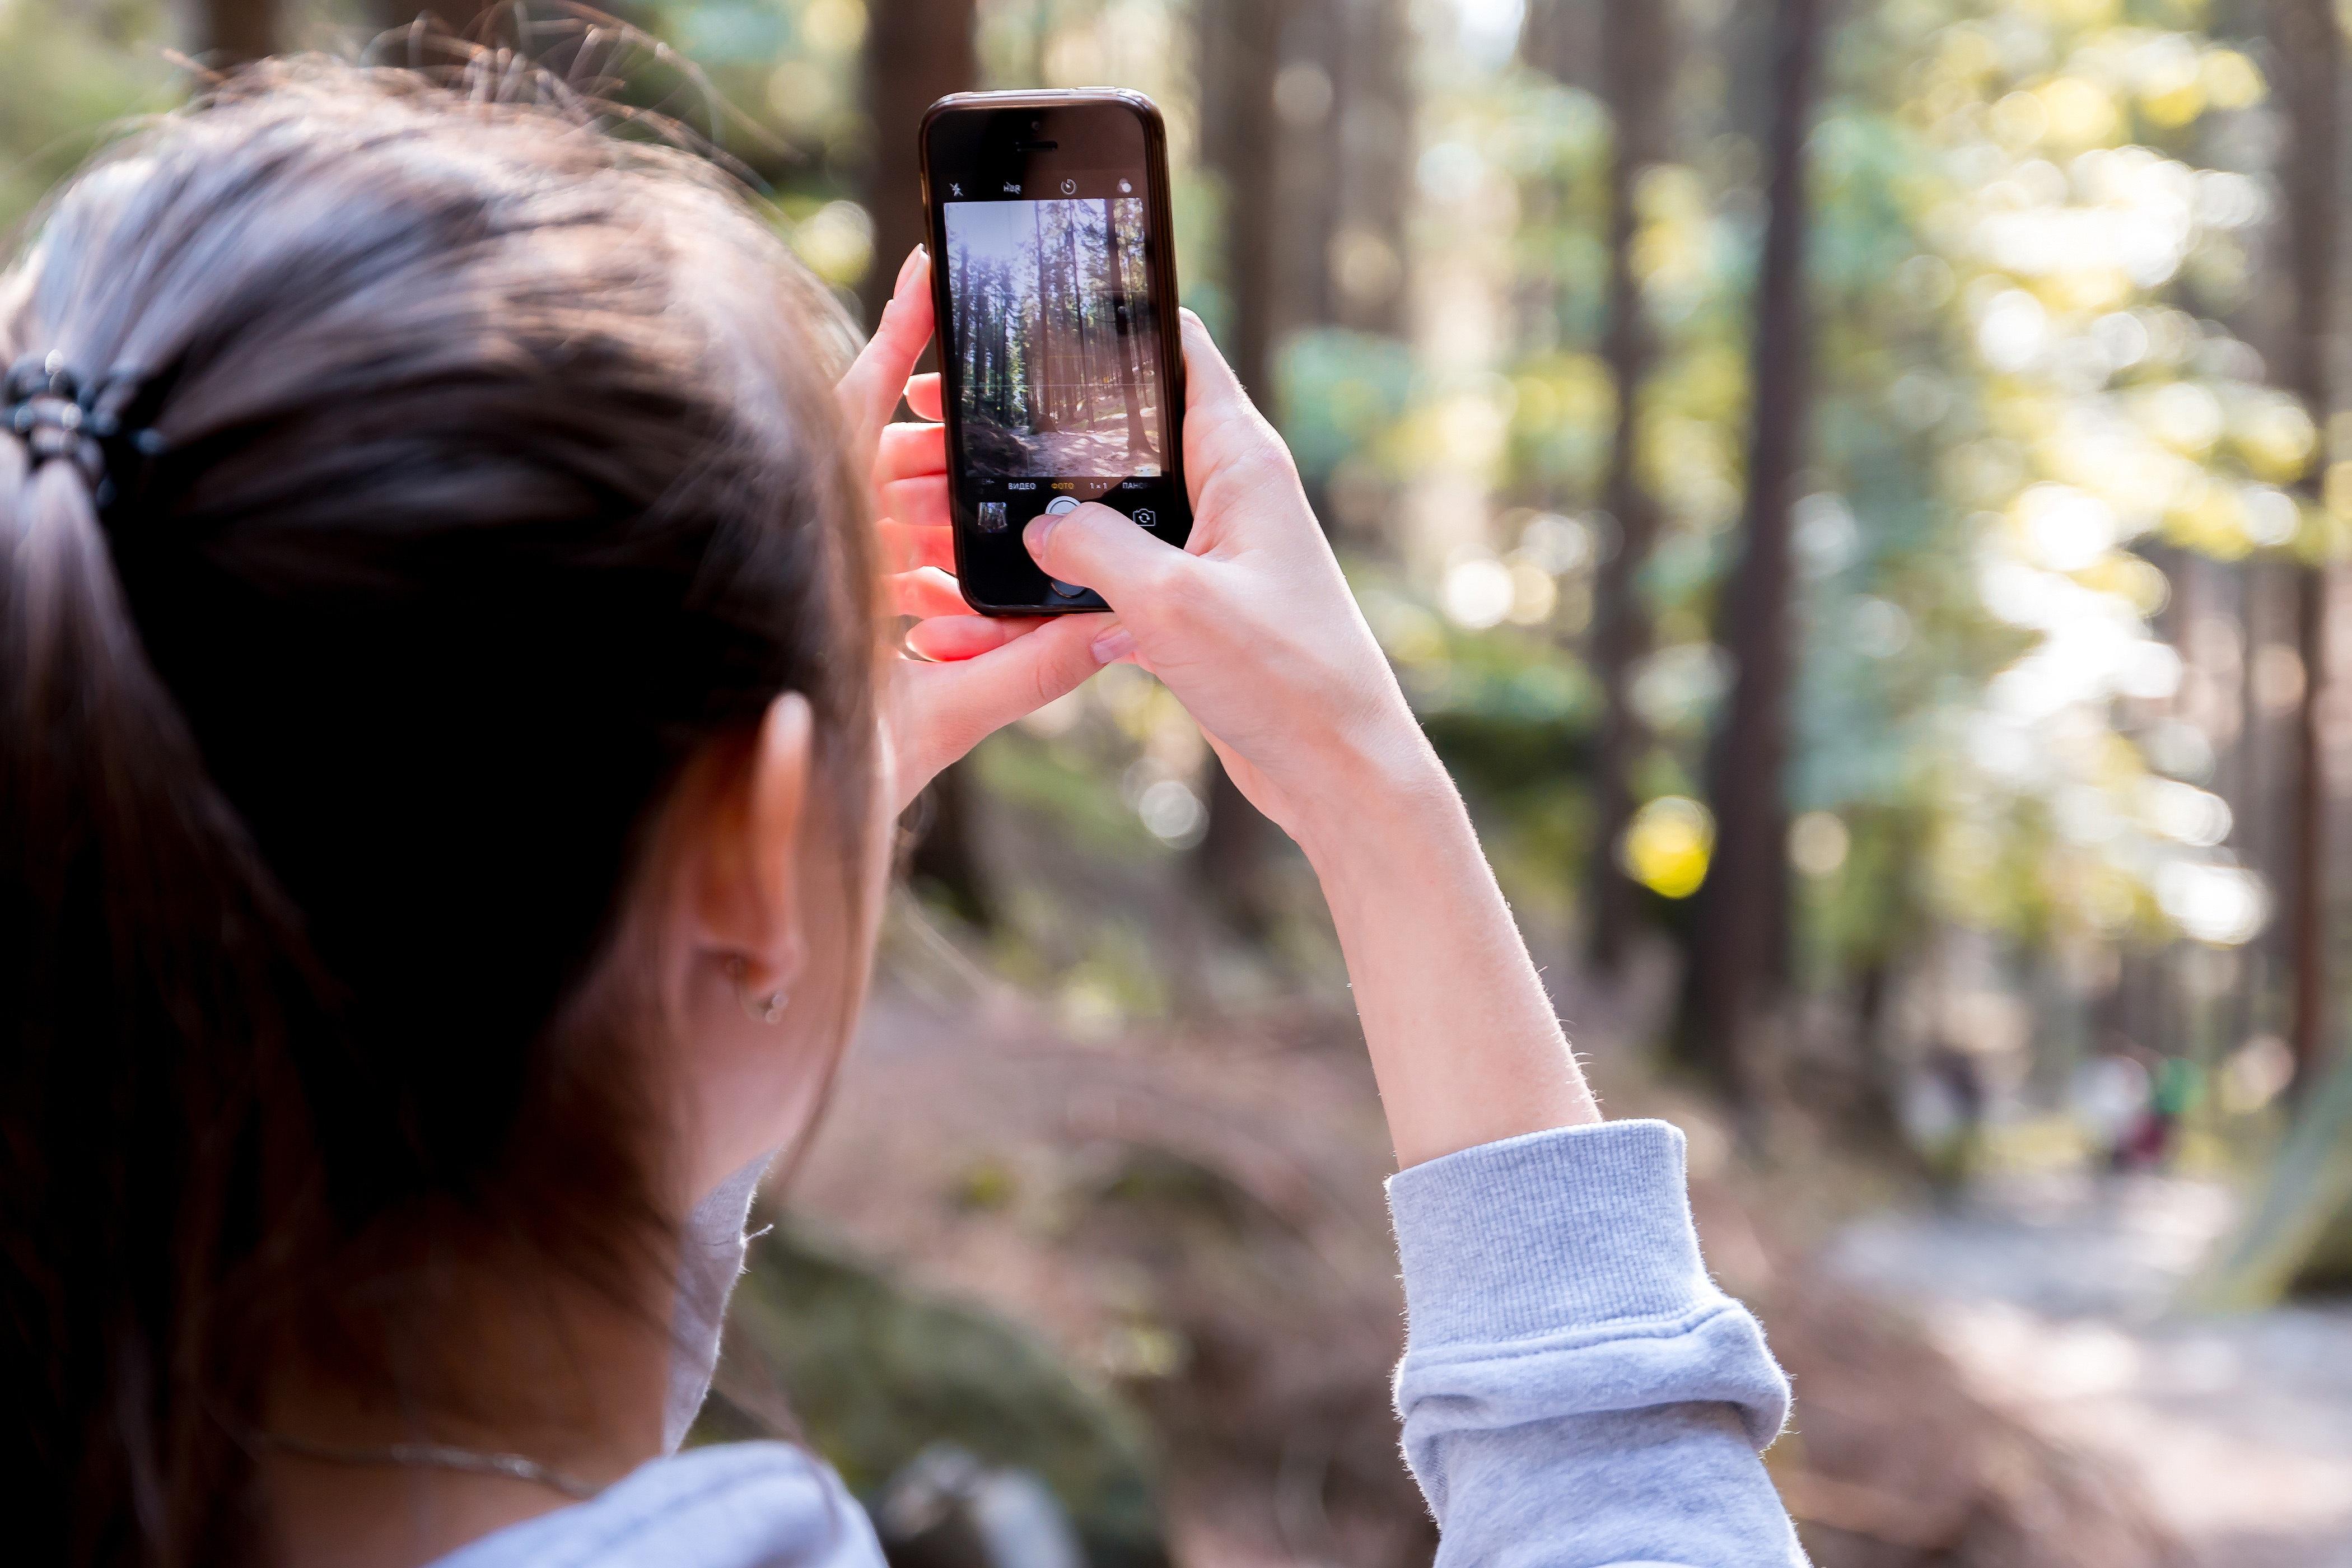 телефон издает звук как будто фотографирует позволяет девушкам